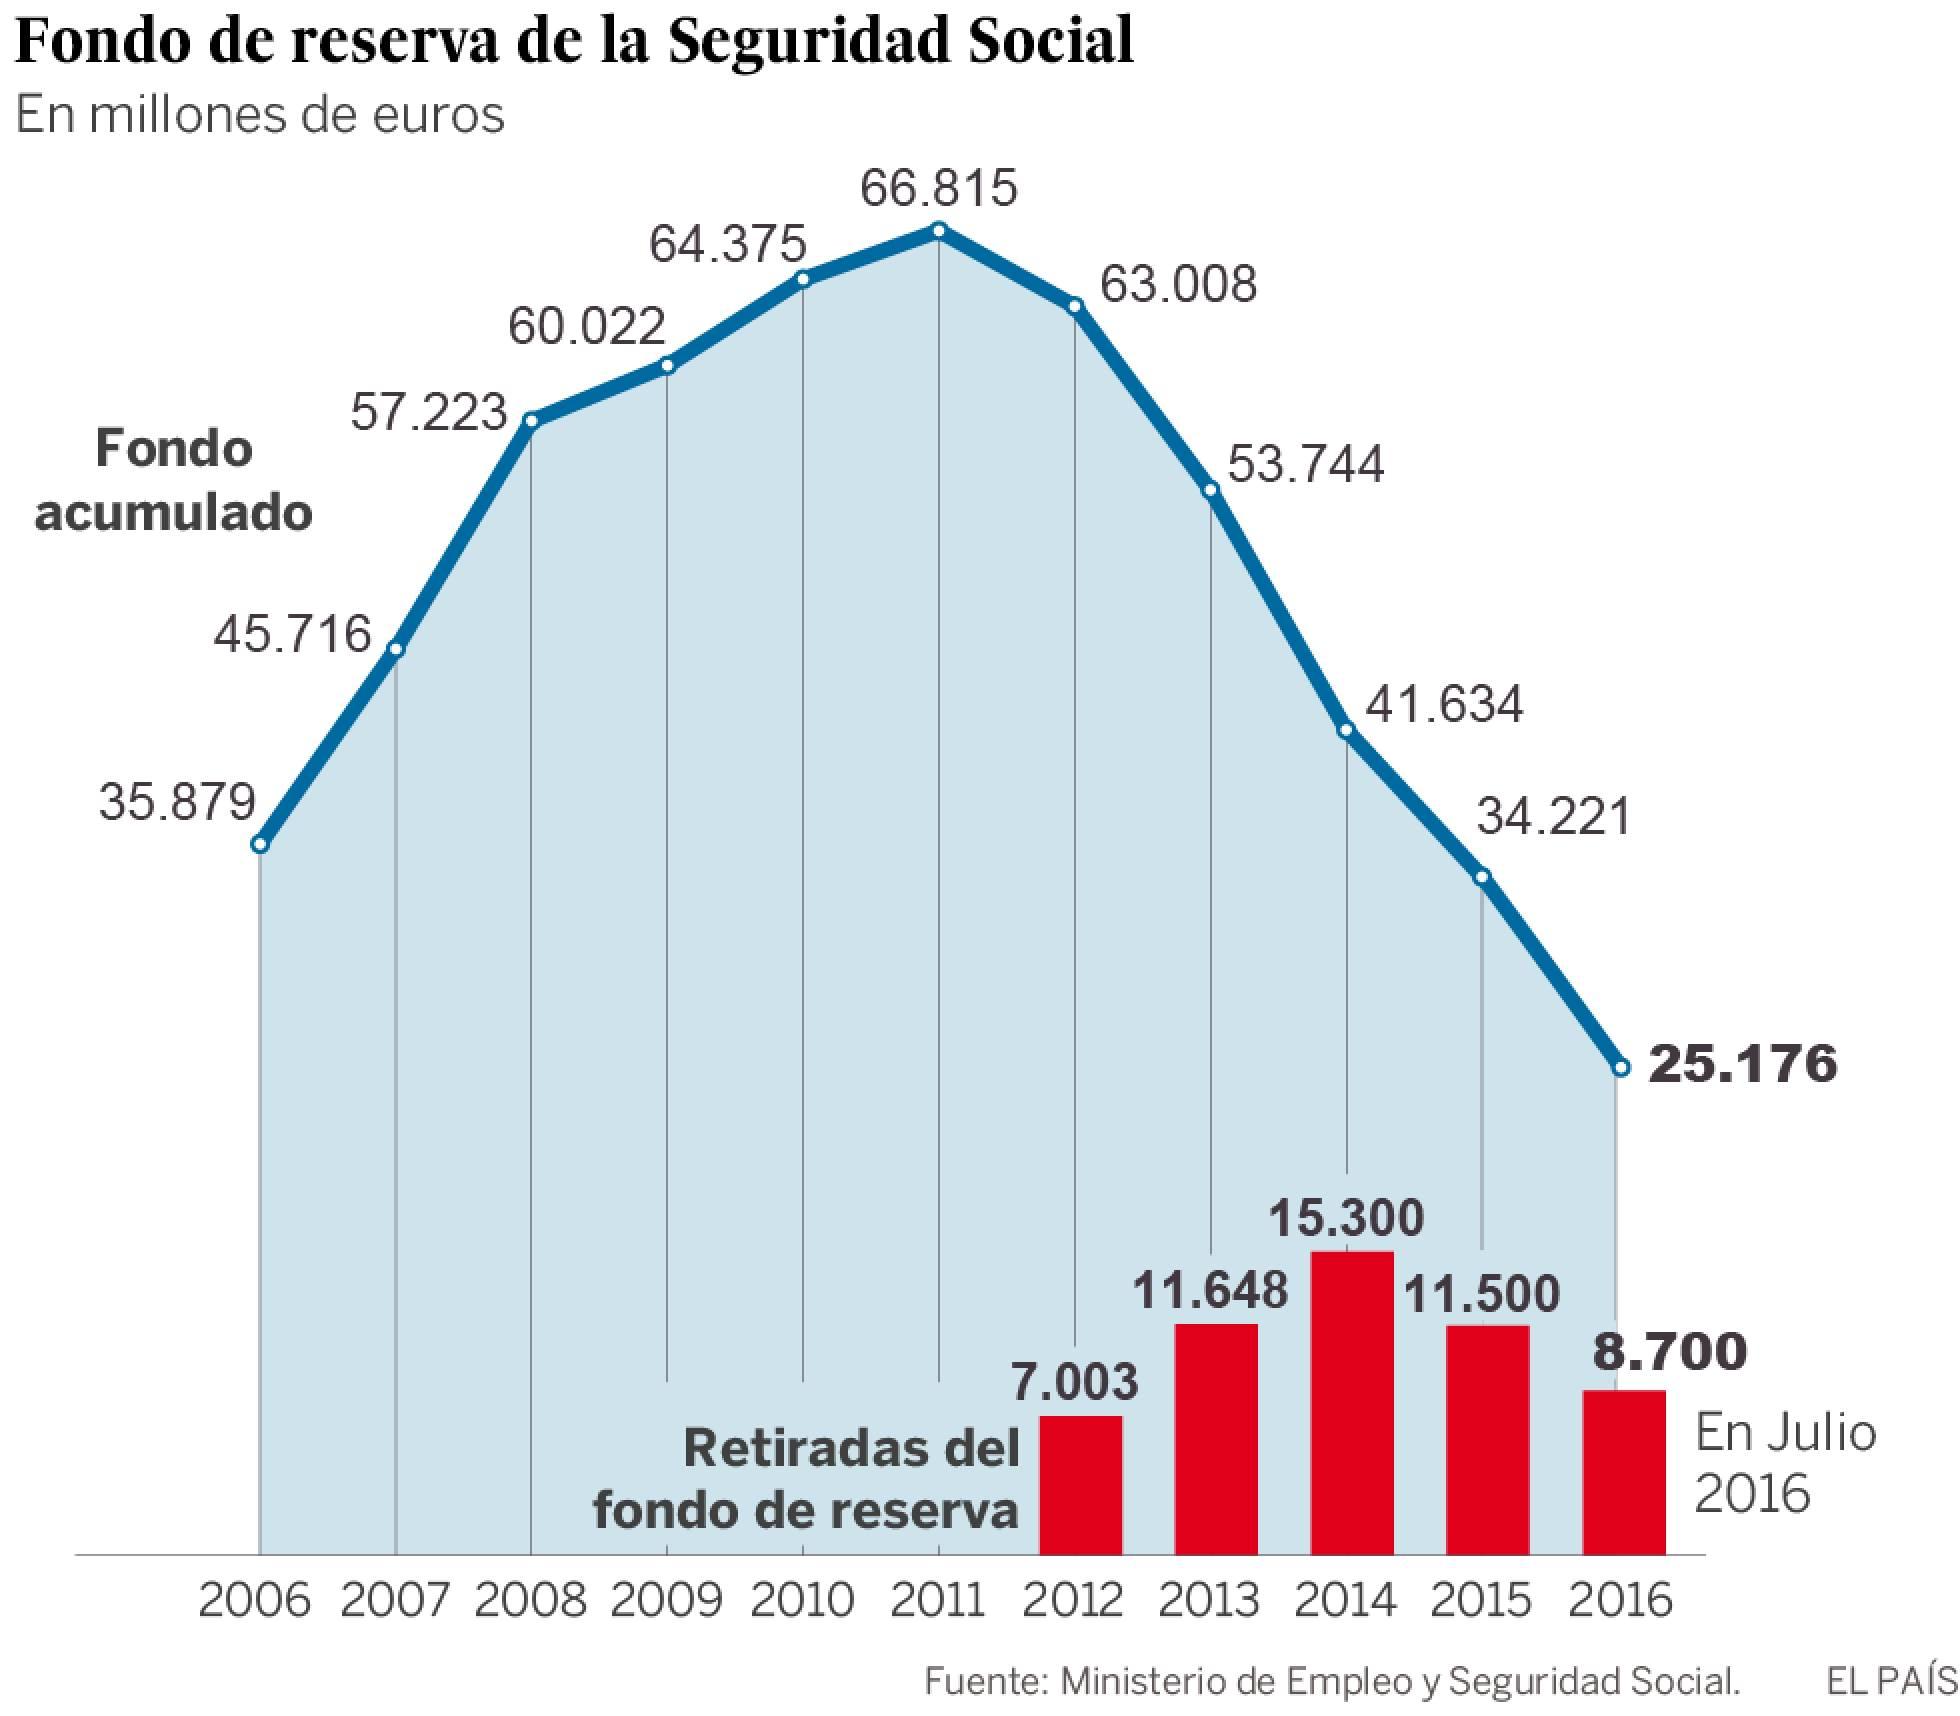 """Pensiones, jubilad@s. Continuidad en el """"damos y quitamos"""". Aumento de la privatización. La OCDE y el FMI por disminuirlas, retrasarlas...   - Página 6 1467388367_280629_1467397762_sumario_normal_recorte1"""